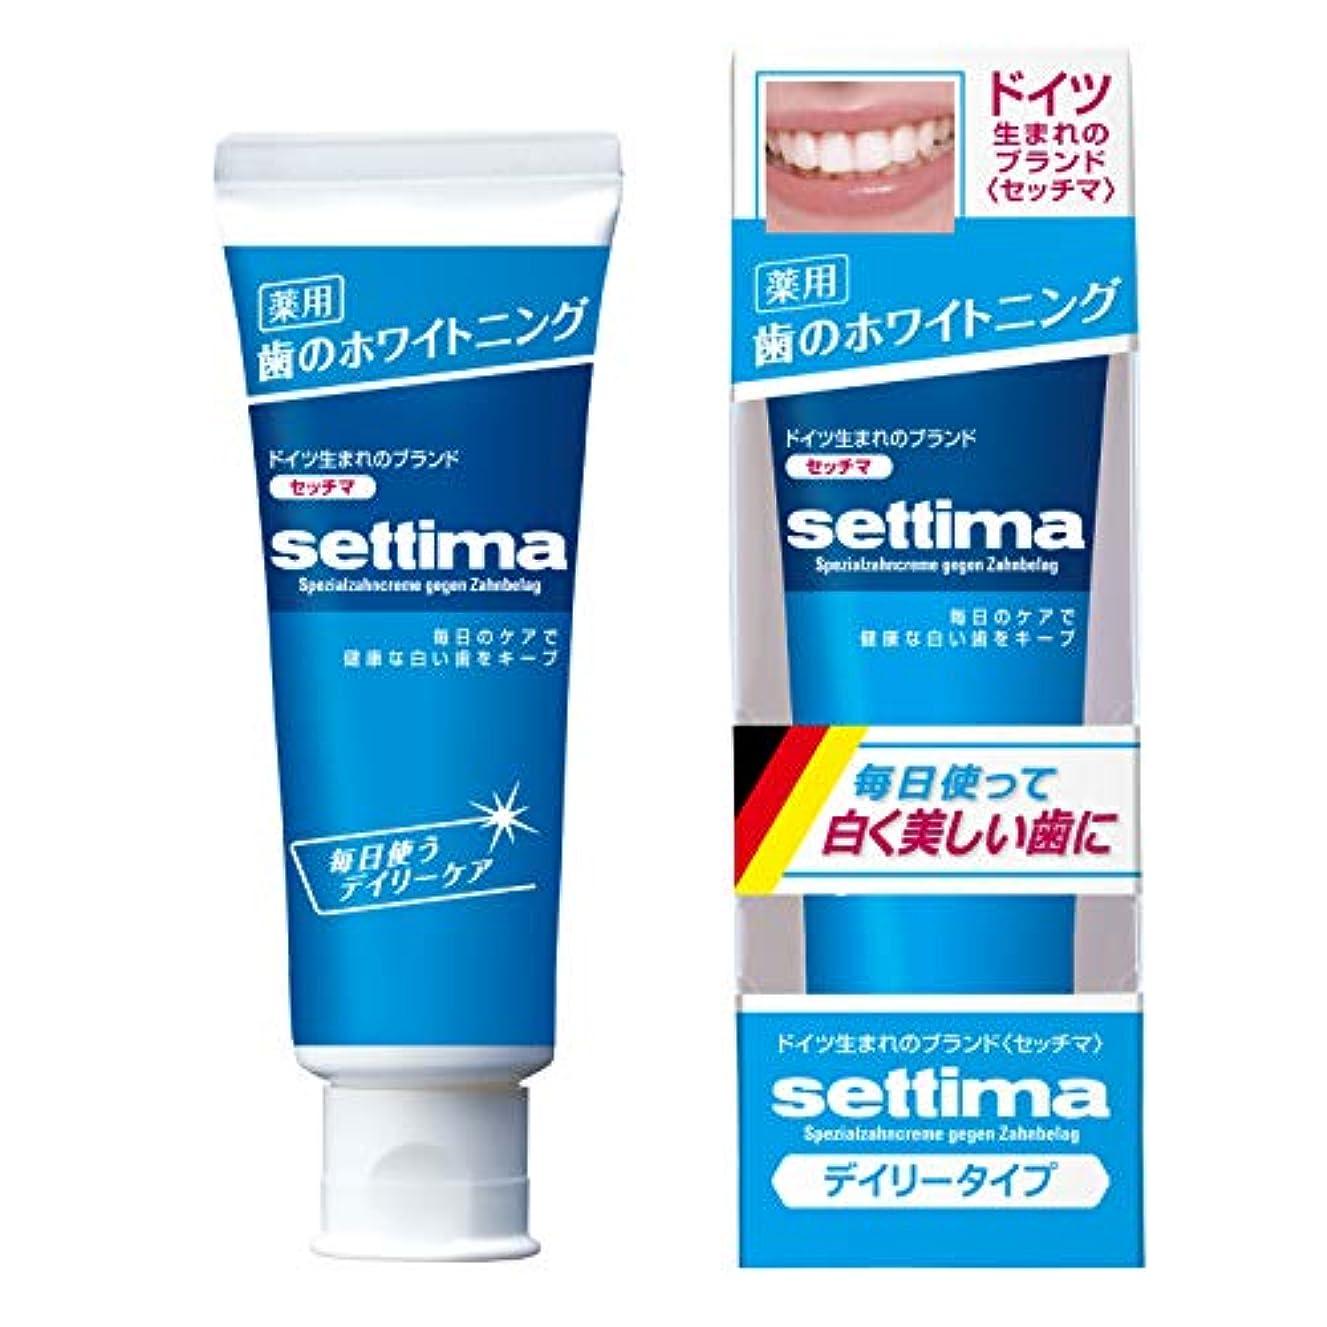 一元化する意識以来settima(セッチマ) ホワイトニング 歯みがき デイリーケア [ファインミントタイプ]  80g